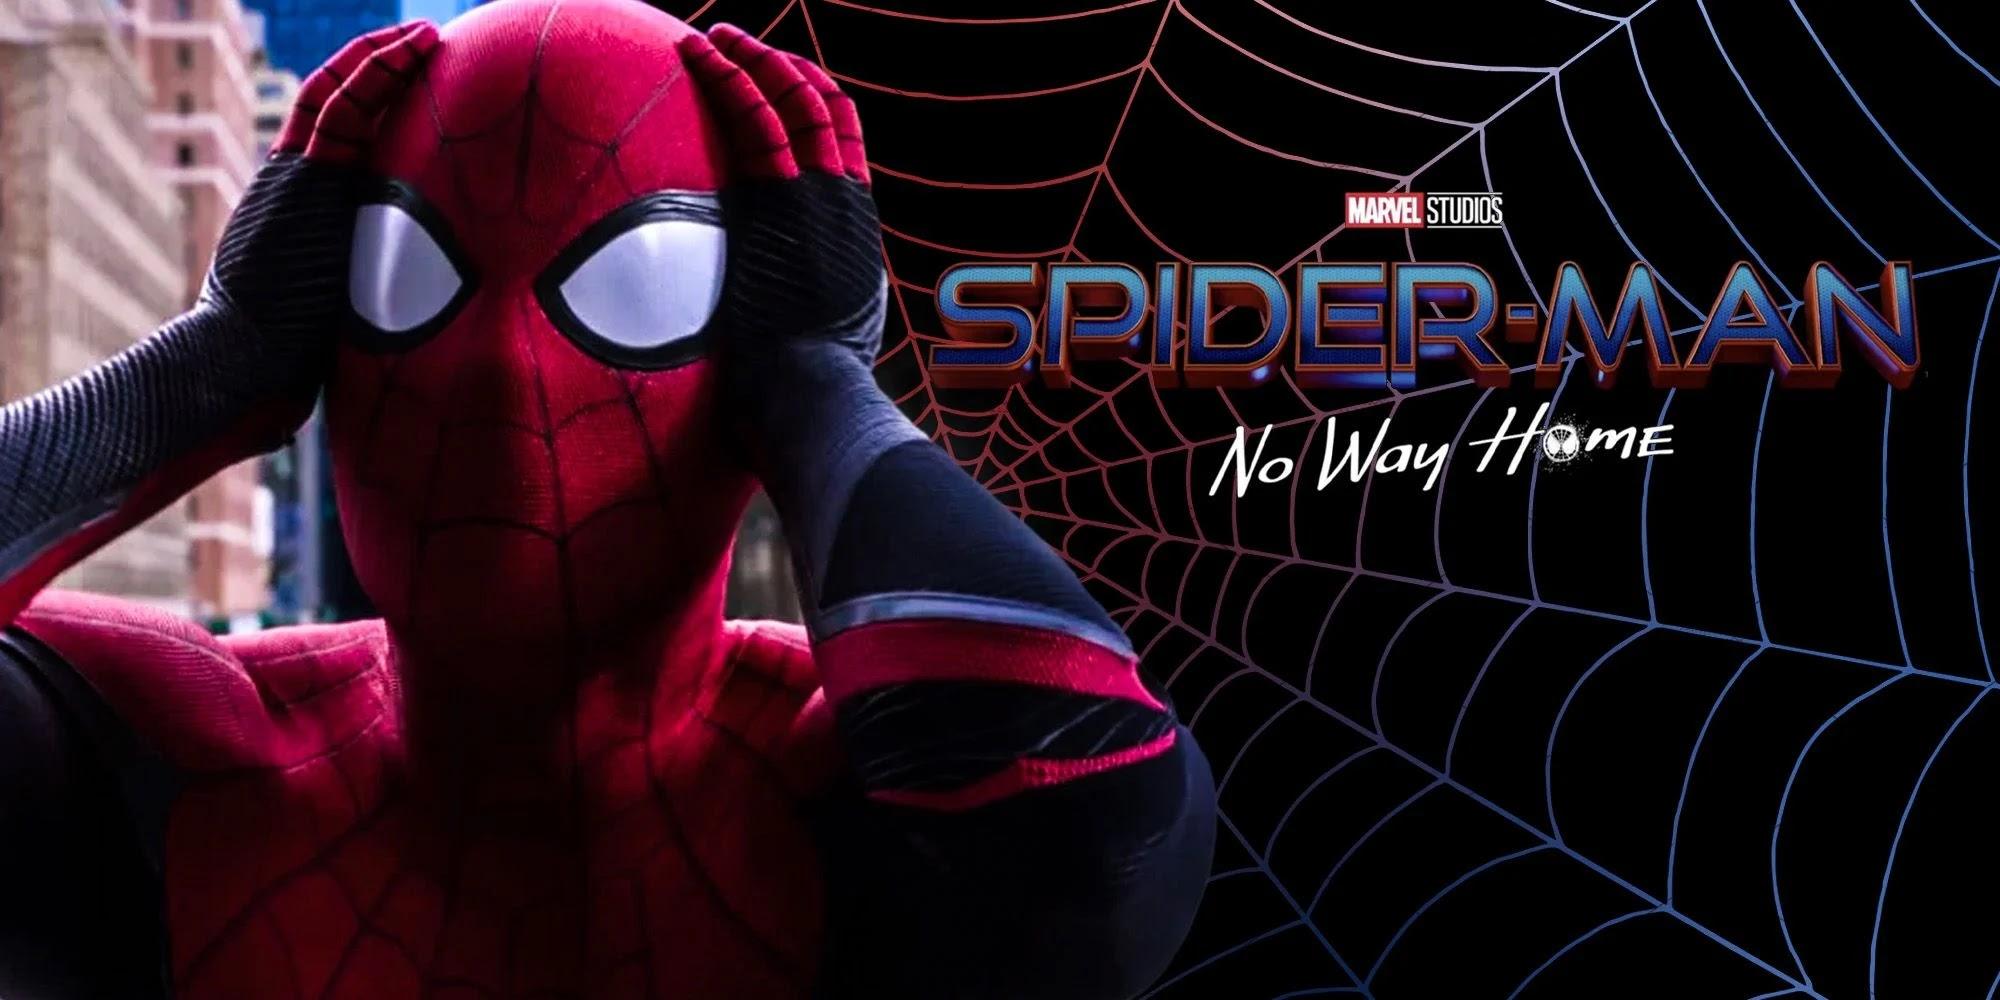 Spider-Man: No Way Home Trailer Leaked Online